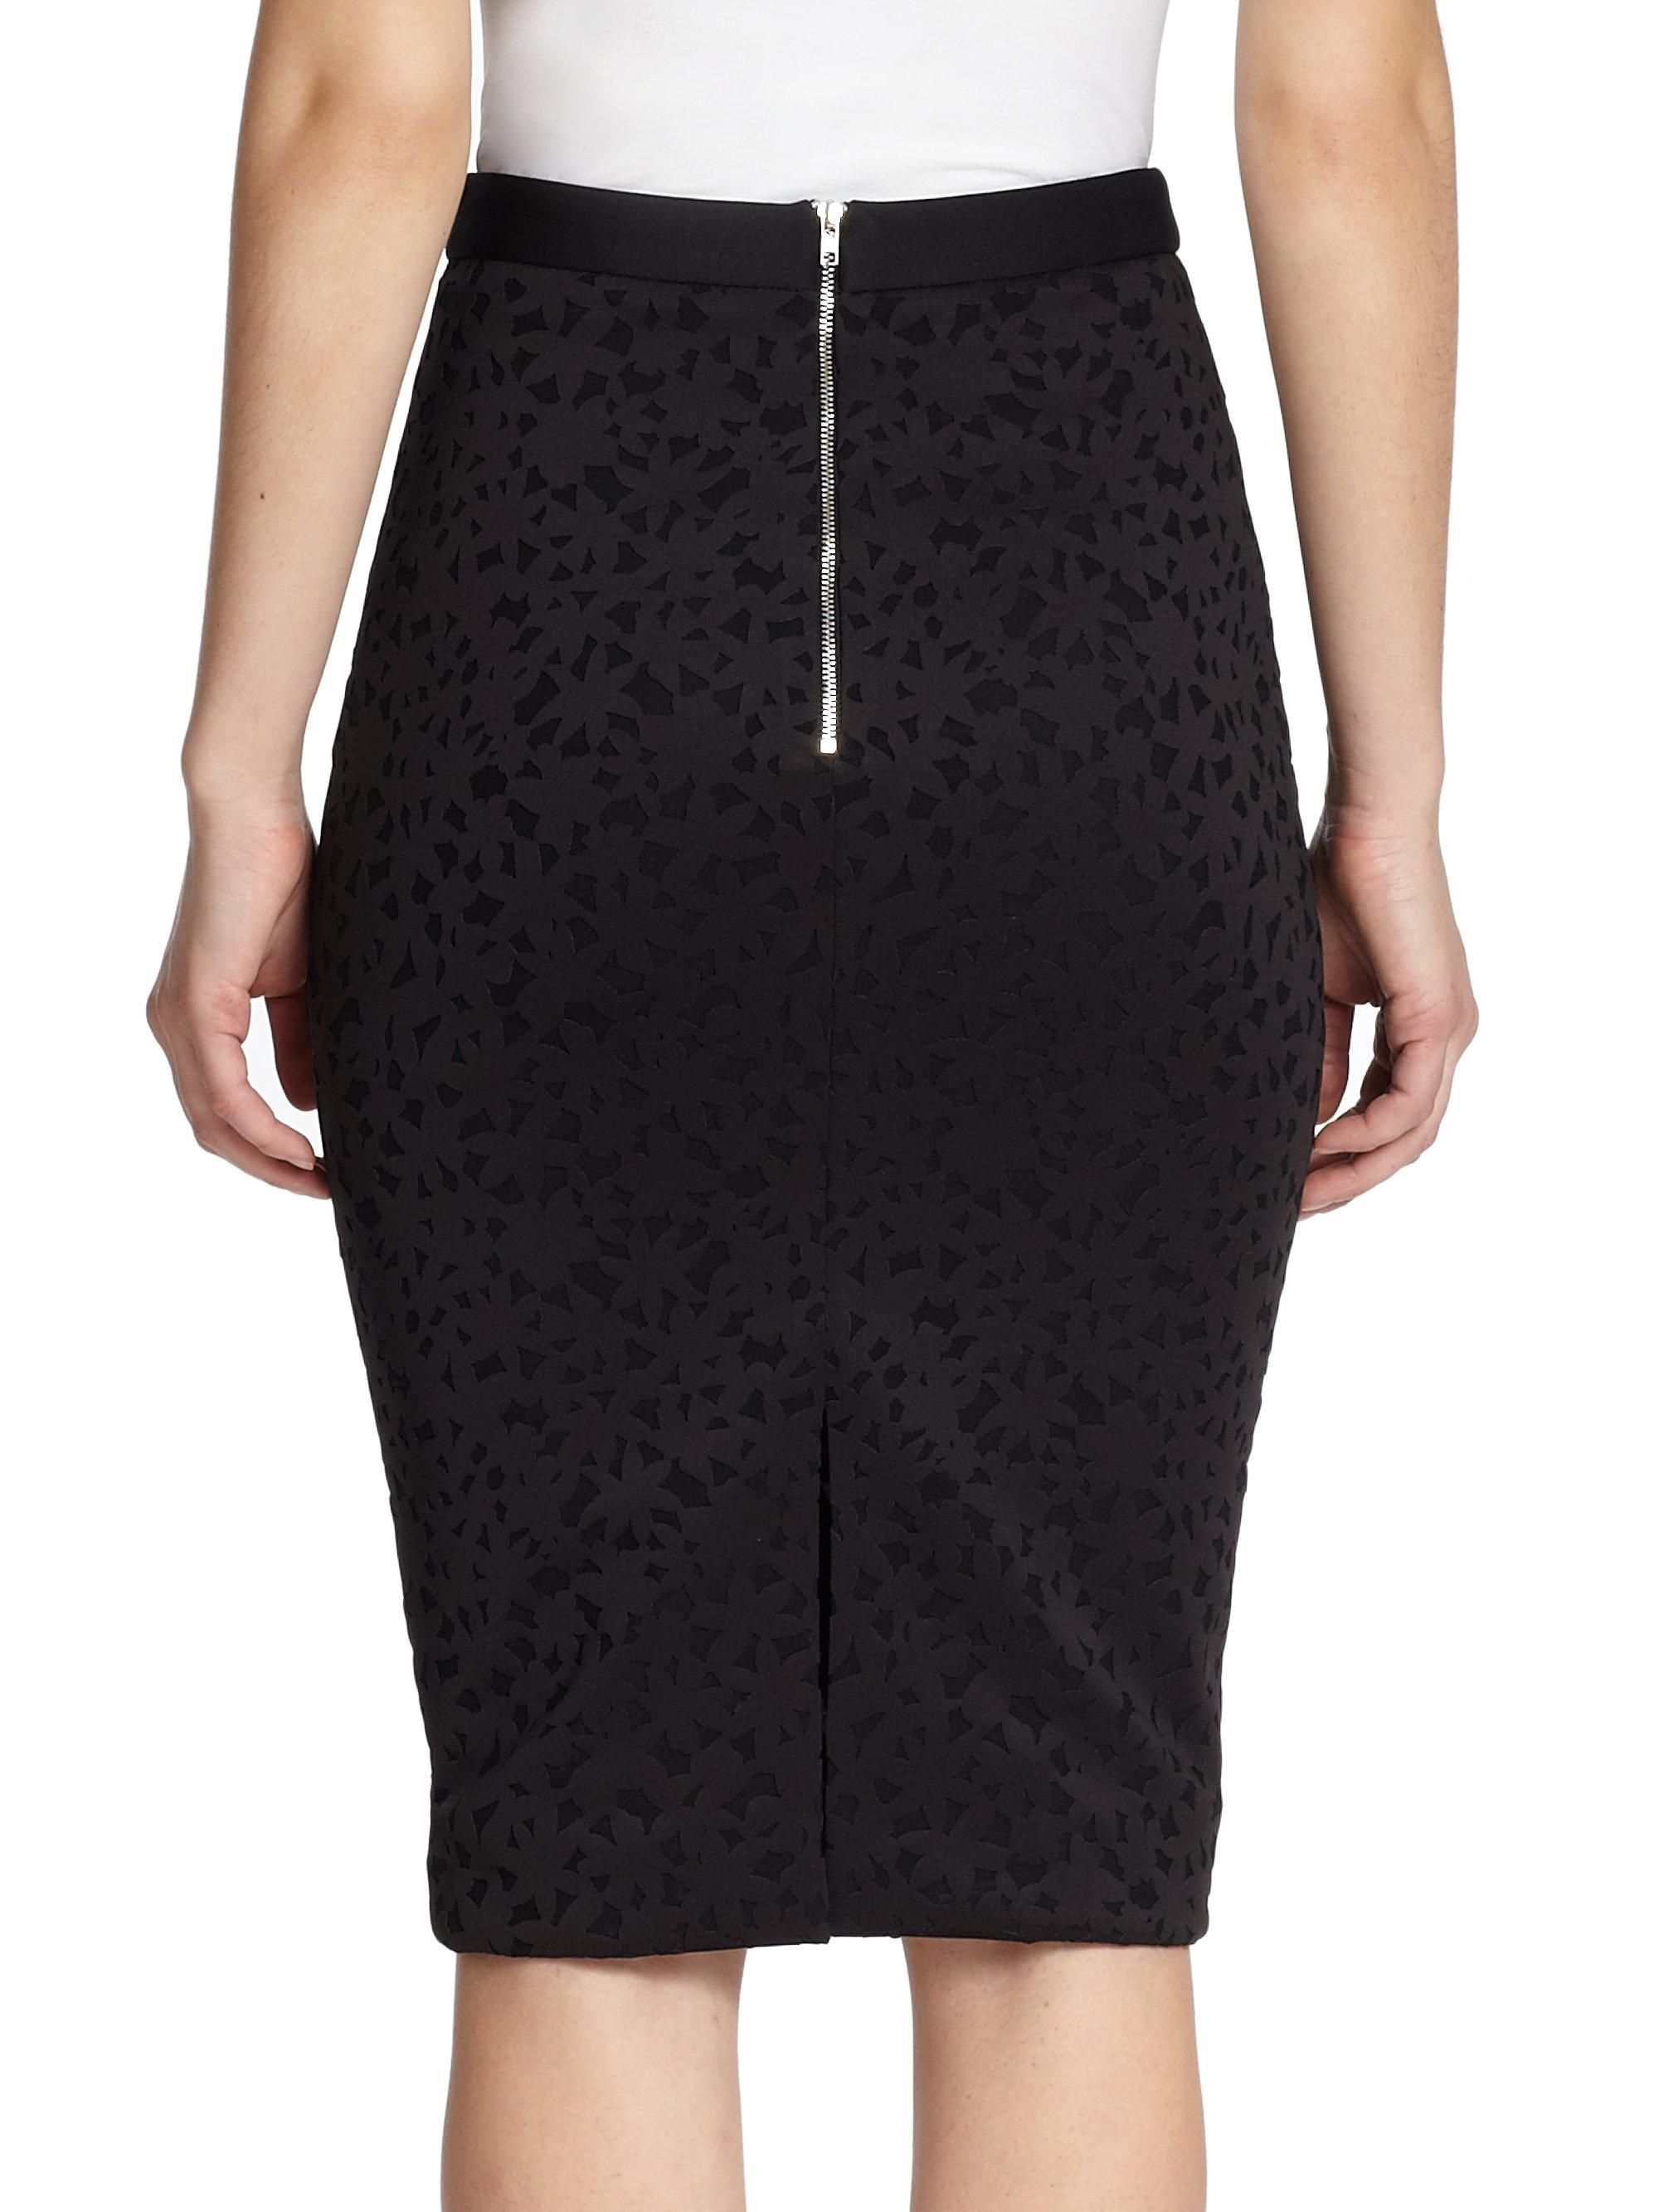 Elizabeth and james Floral Laser-cut Pencil Skirt in Black | Lyst